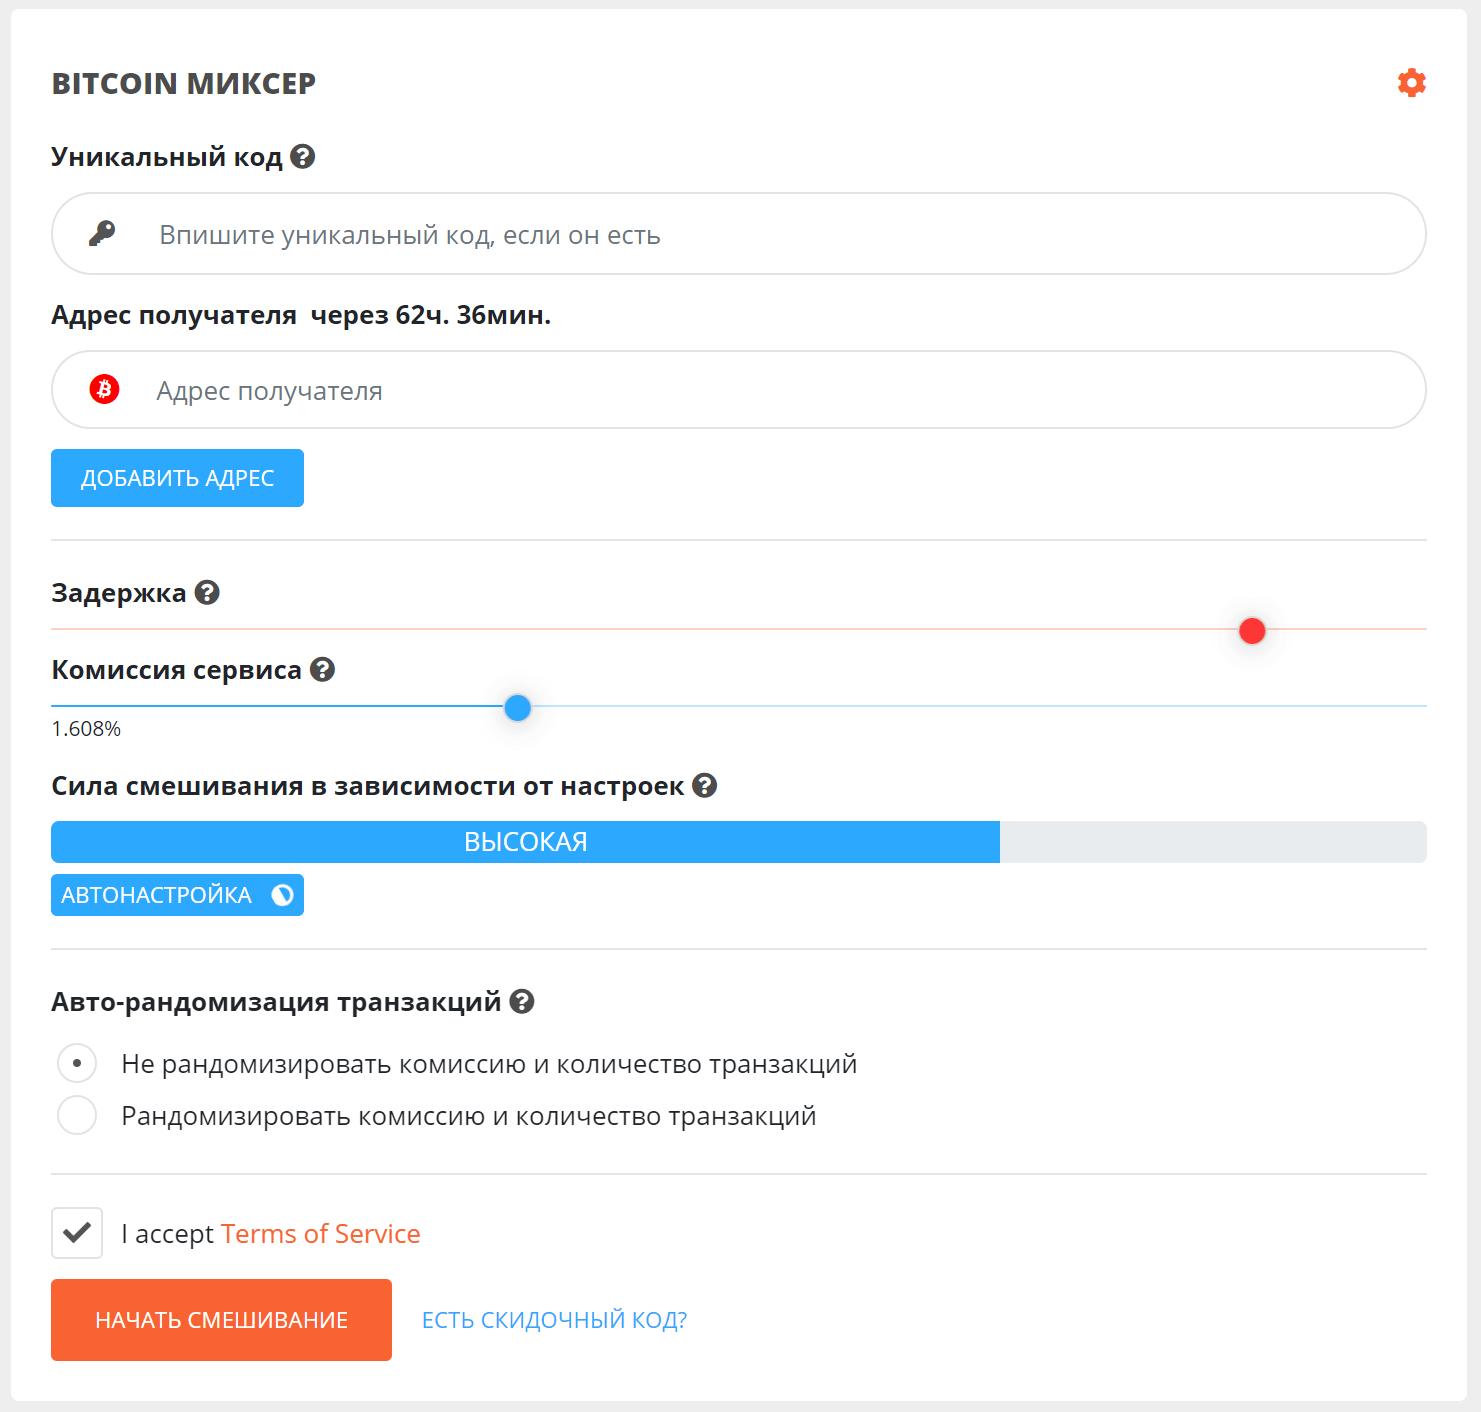 Интерфейс биткоин-миксера BitMix